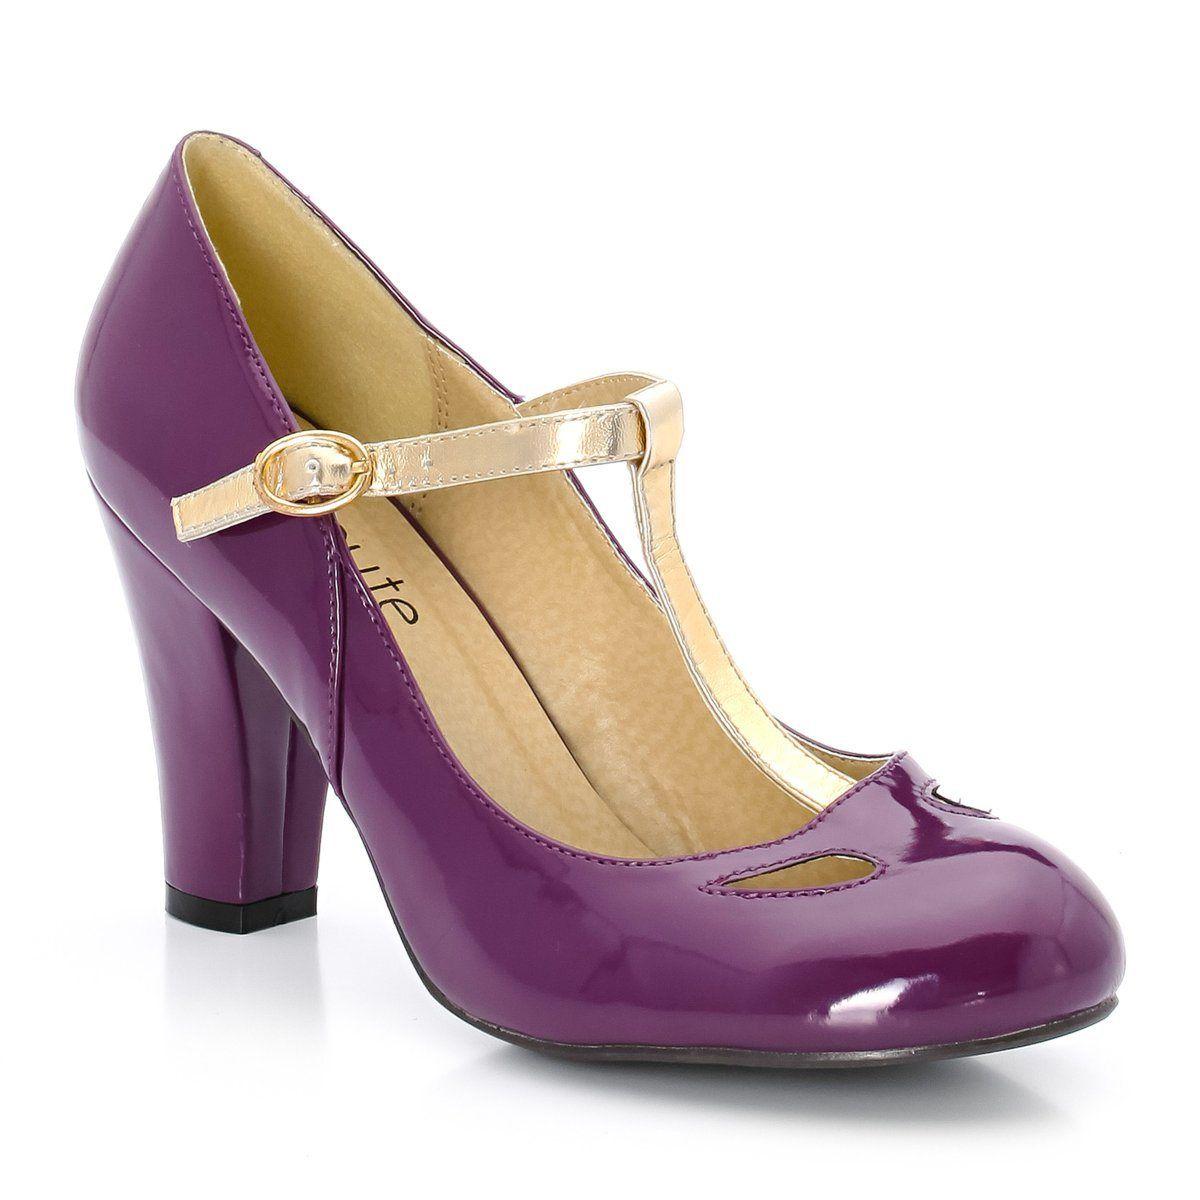 c8db263c7430e La Redoute shopping prix Salomés à talon pied large sur shopstyle.fr    Chaussures Mariage   Pinterest   Chaussure, Chaussures Femme et Talons